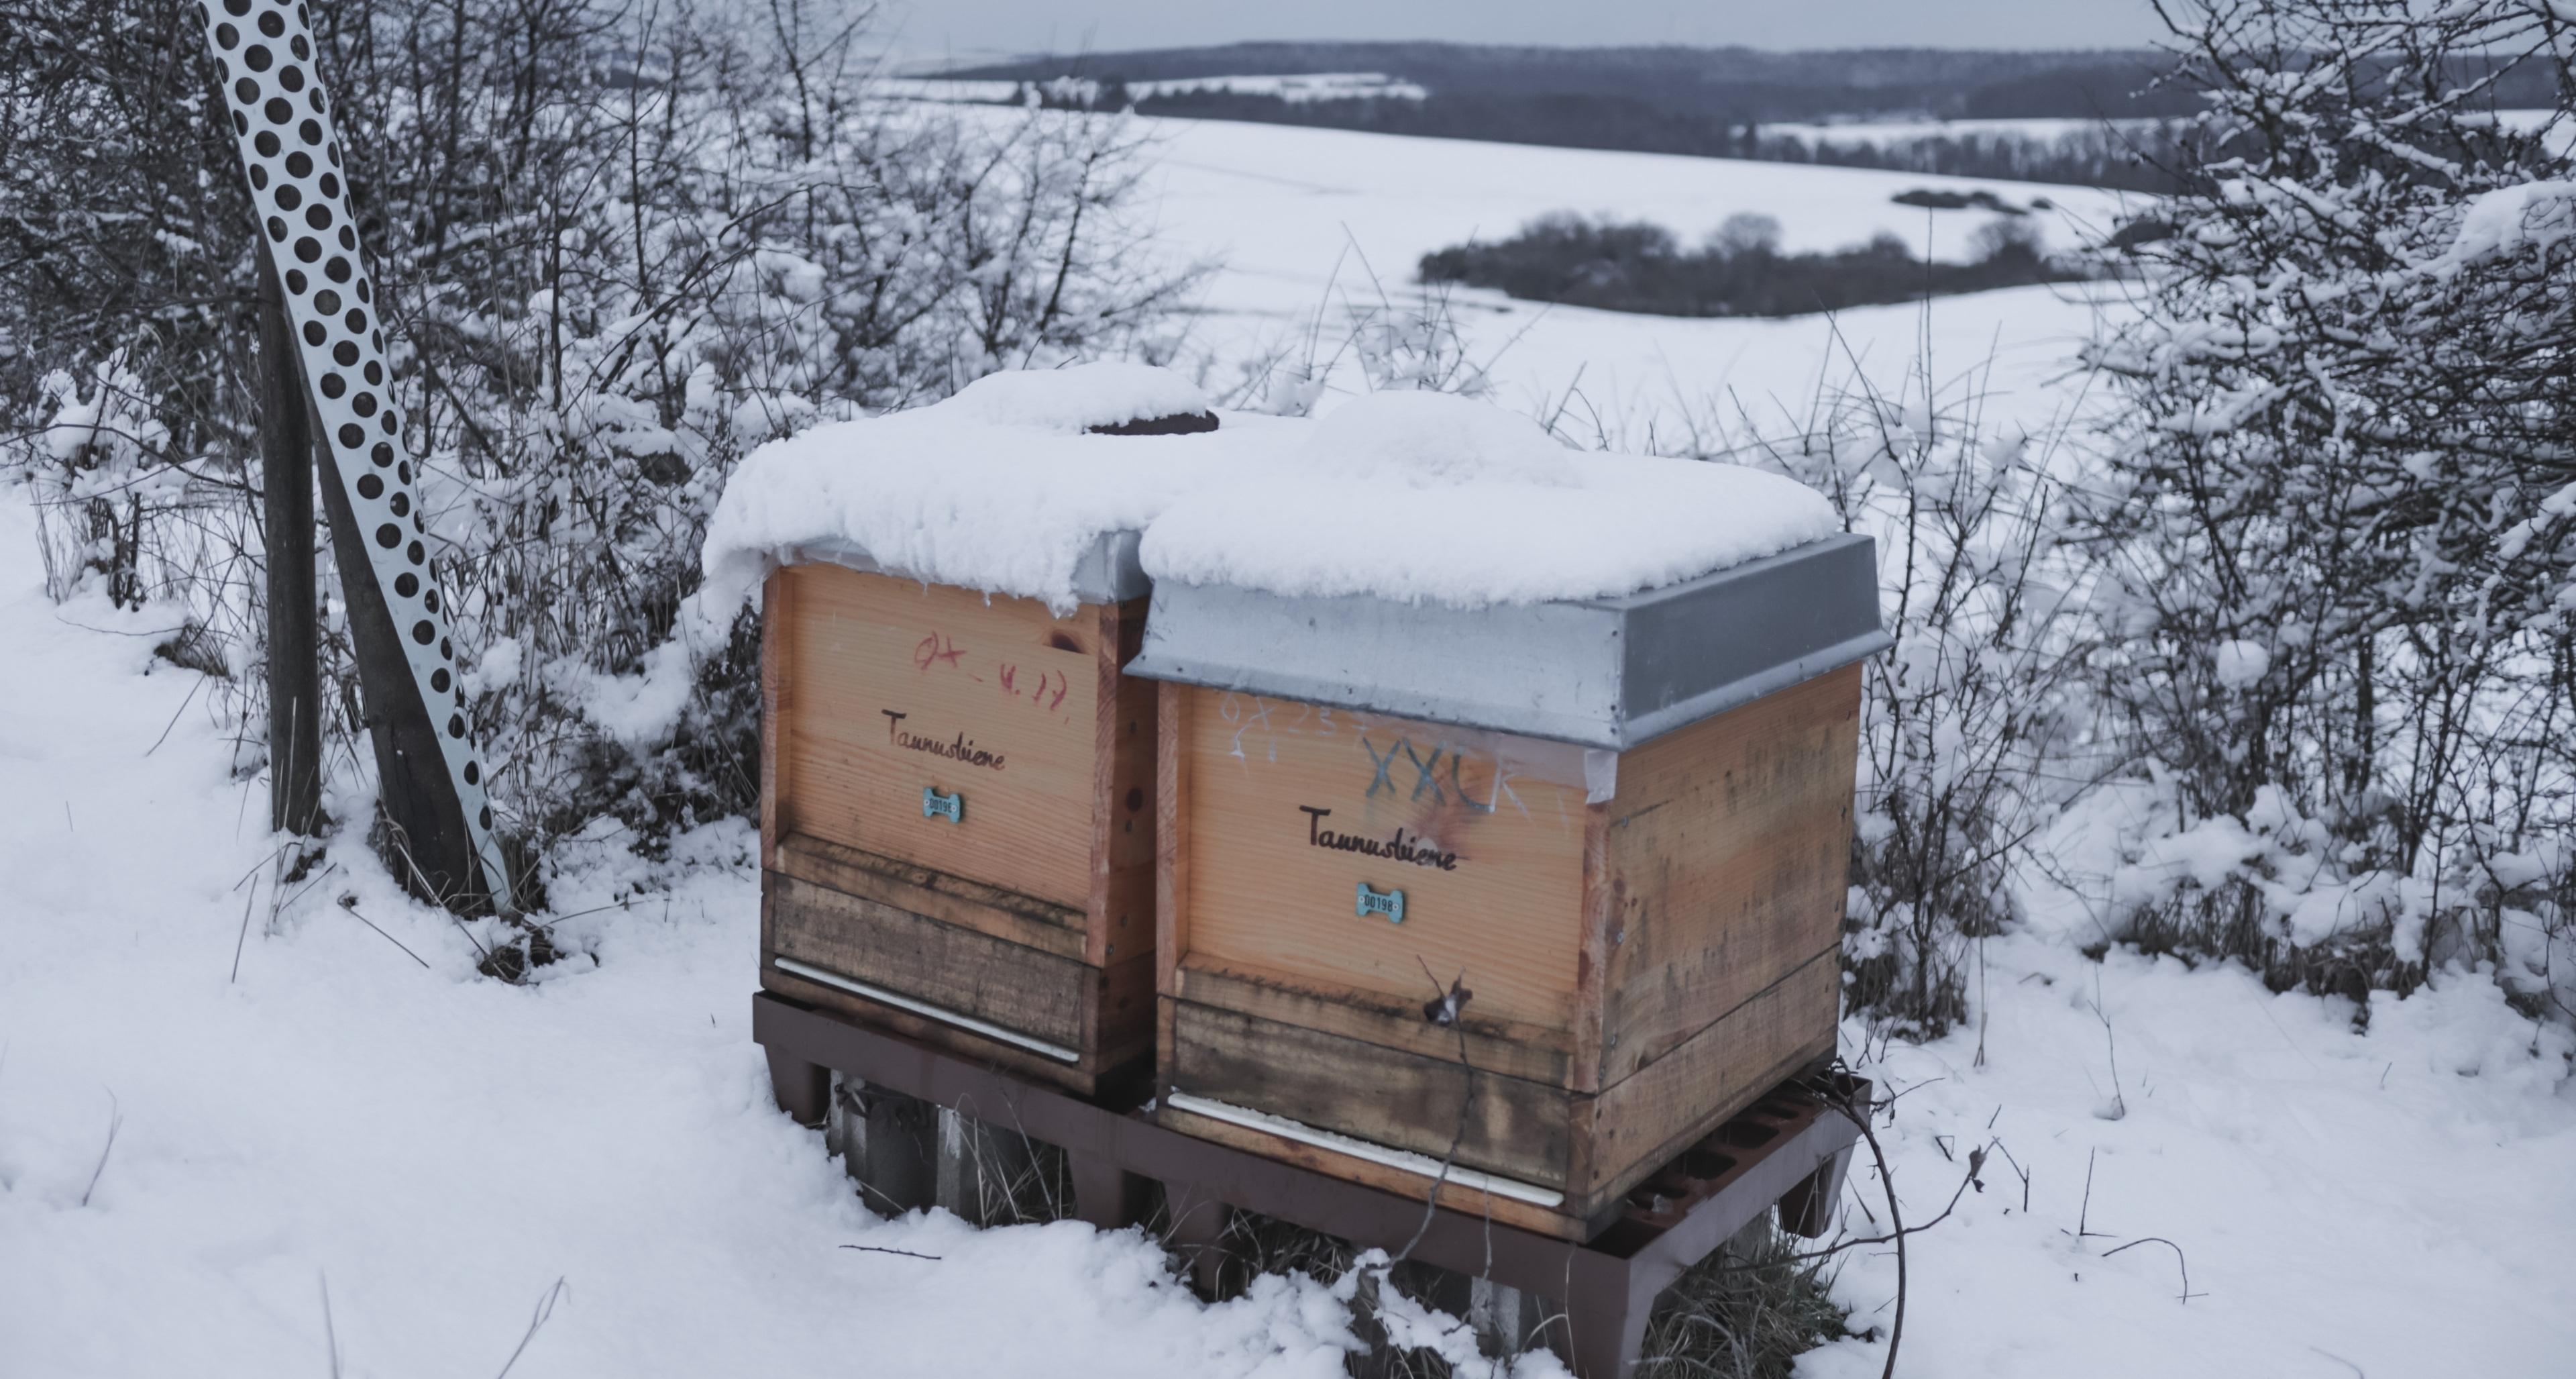 https://www.bioland.de/fileadmin/user_upload/Verbraucher/Blog/Tiere_und_Tierwohl/Bienen_im_Winter/Blog_Header.jpg